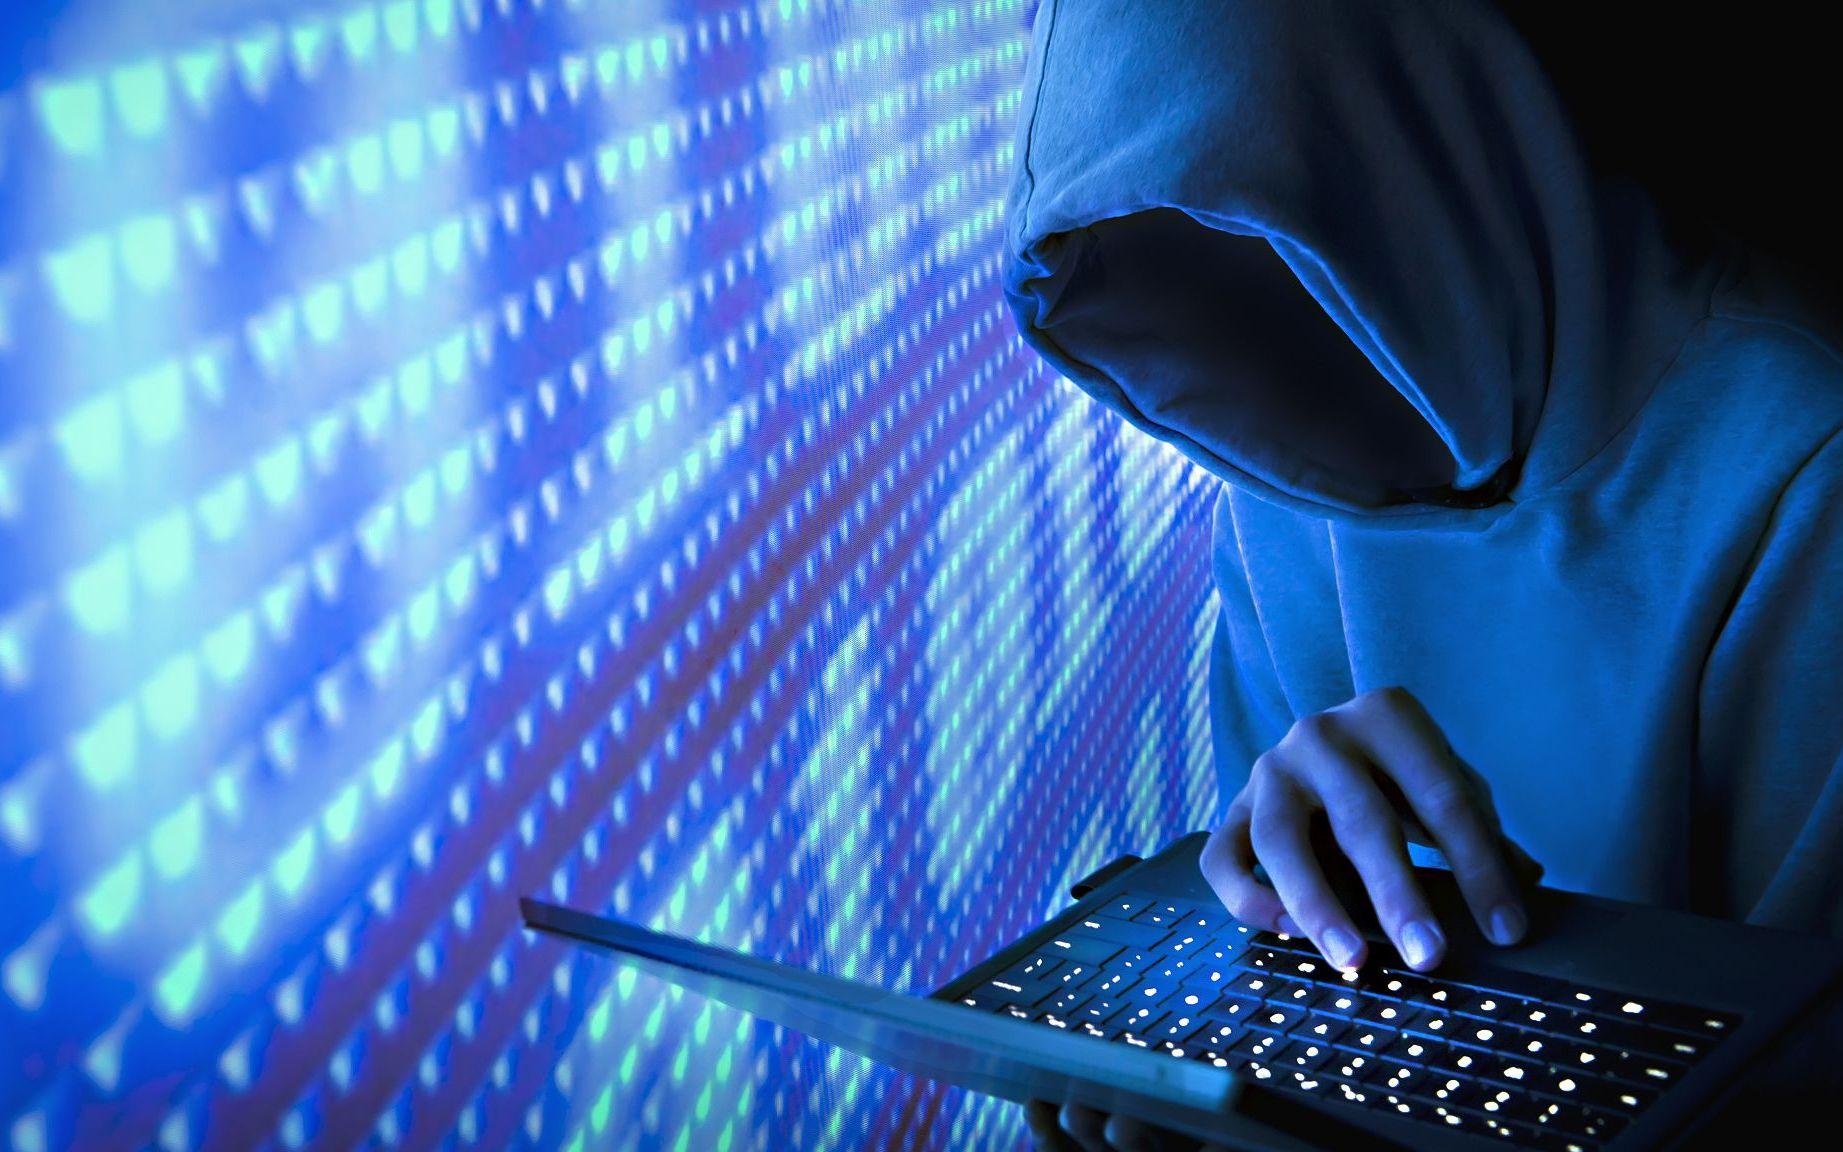 """丢手机后被盗刷被贷款,不能指望人人都是""""防盗专家""""图片"""